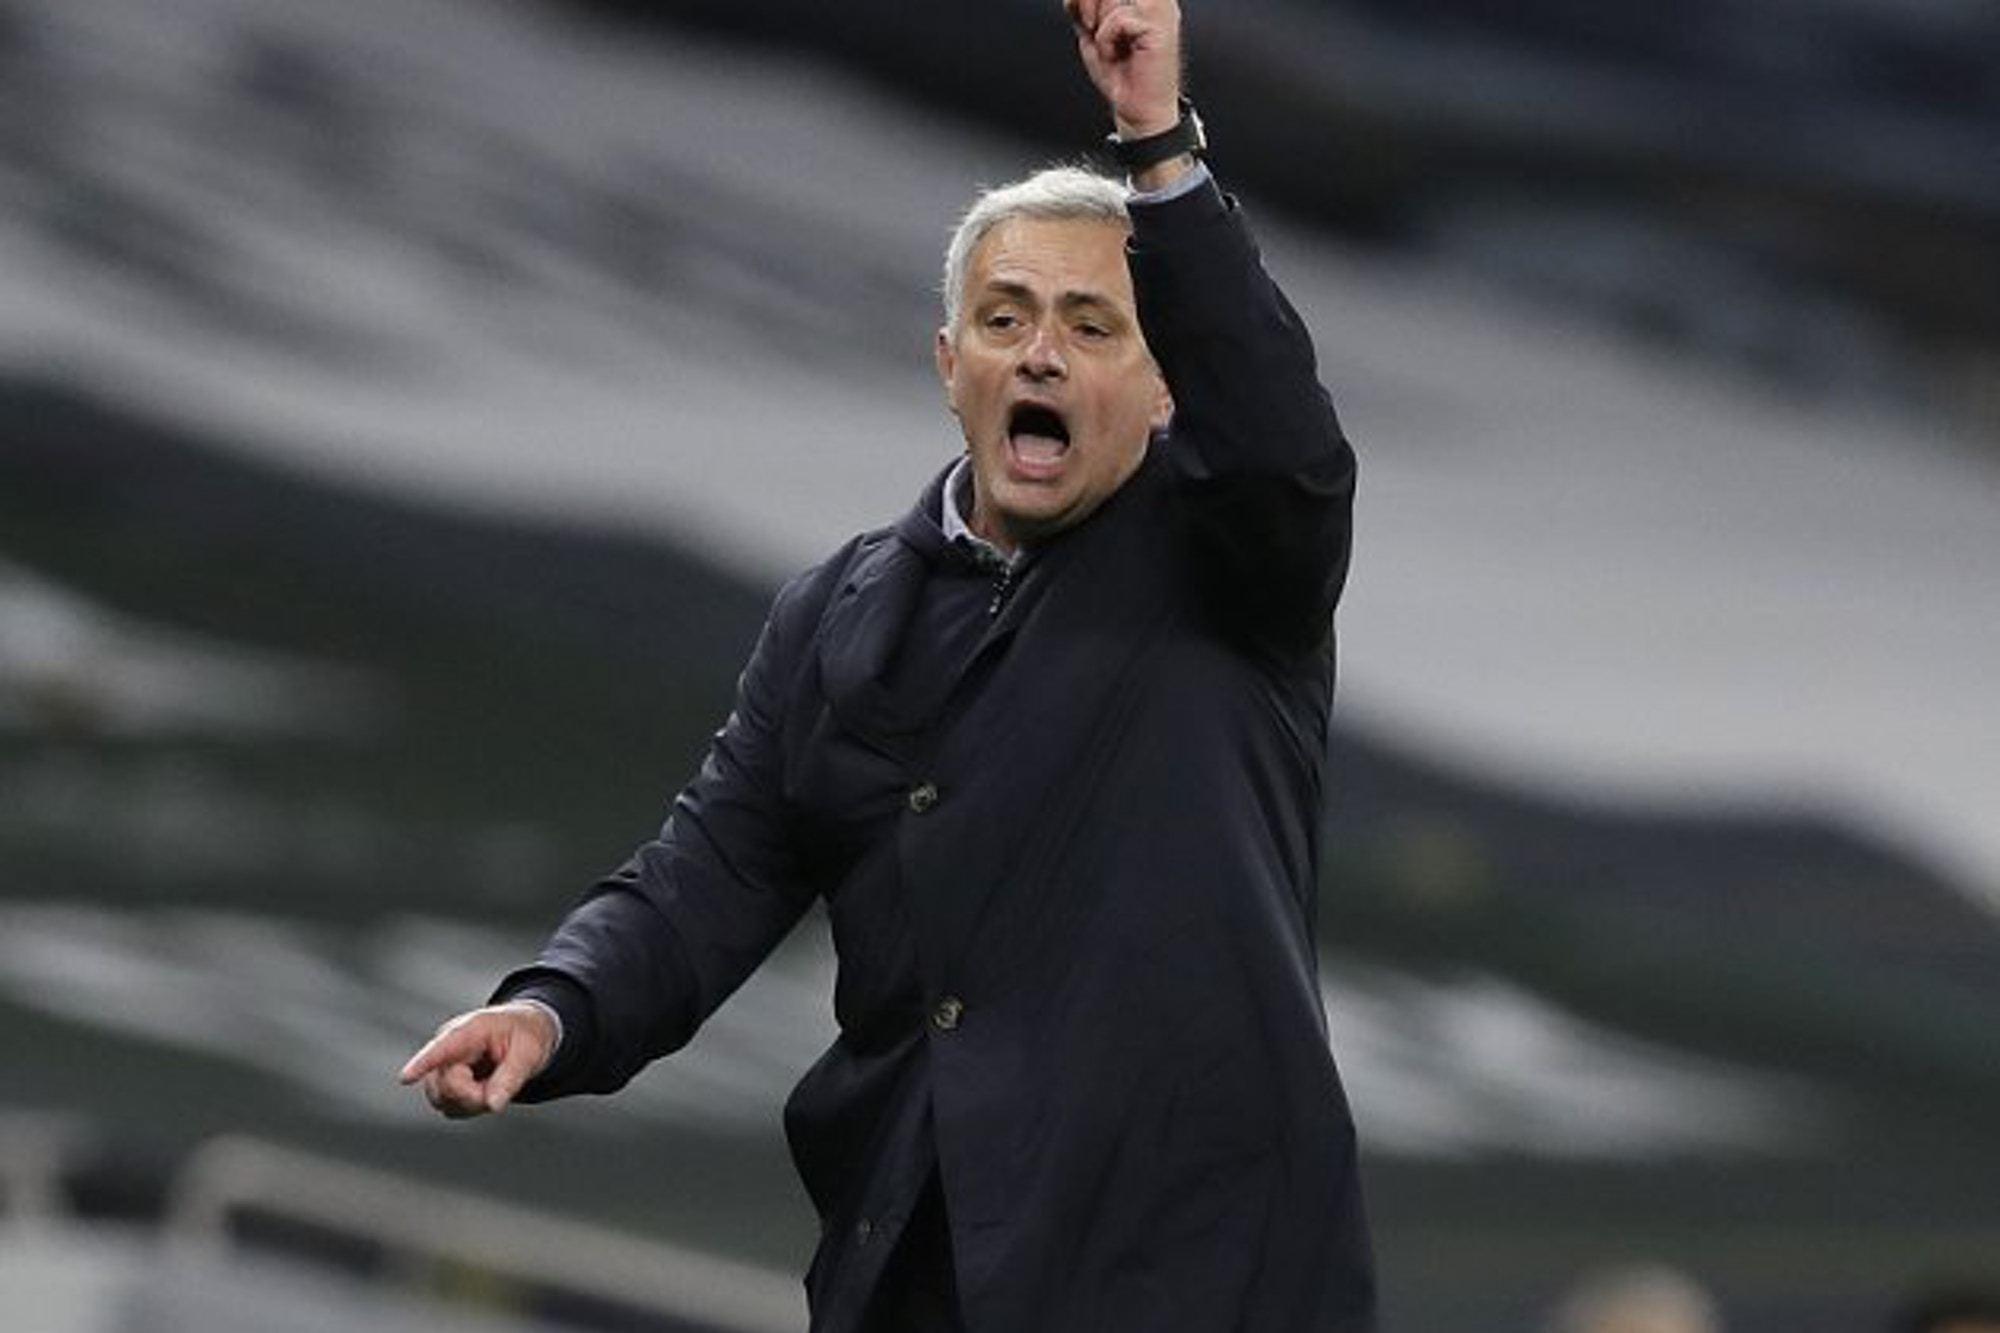 Tottenham kém Man City 11 điểm, Mourinho không chấp nhận sự thật